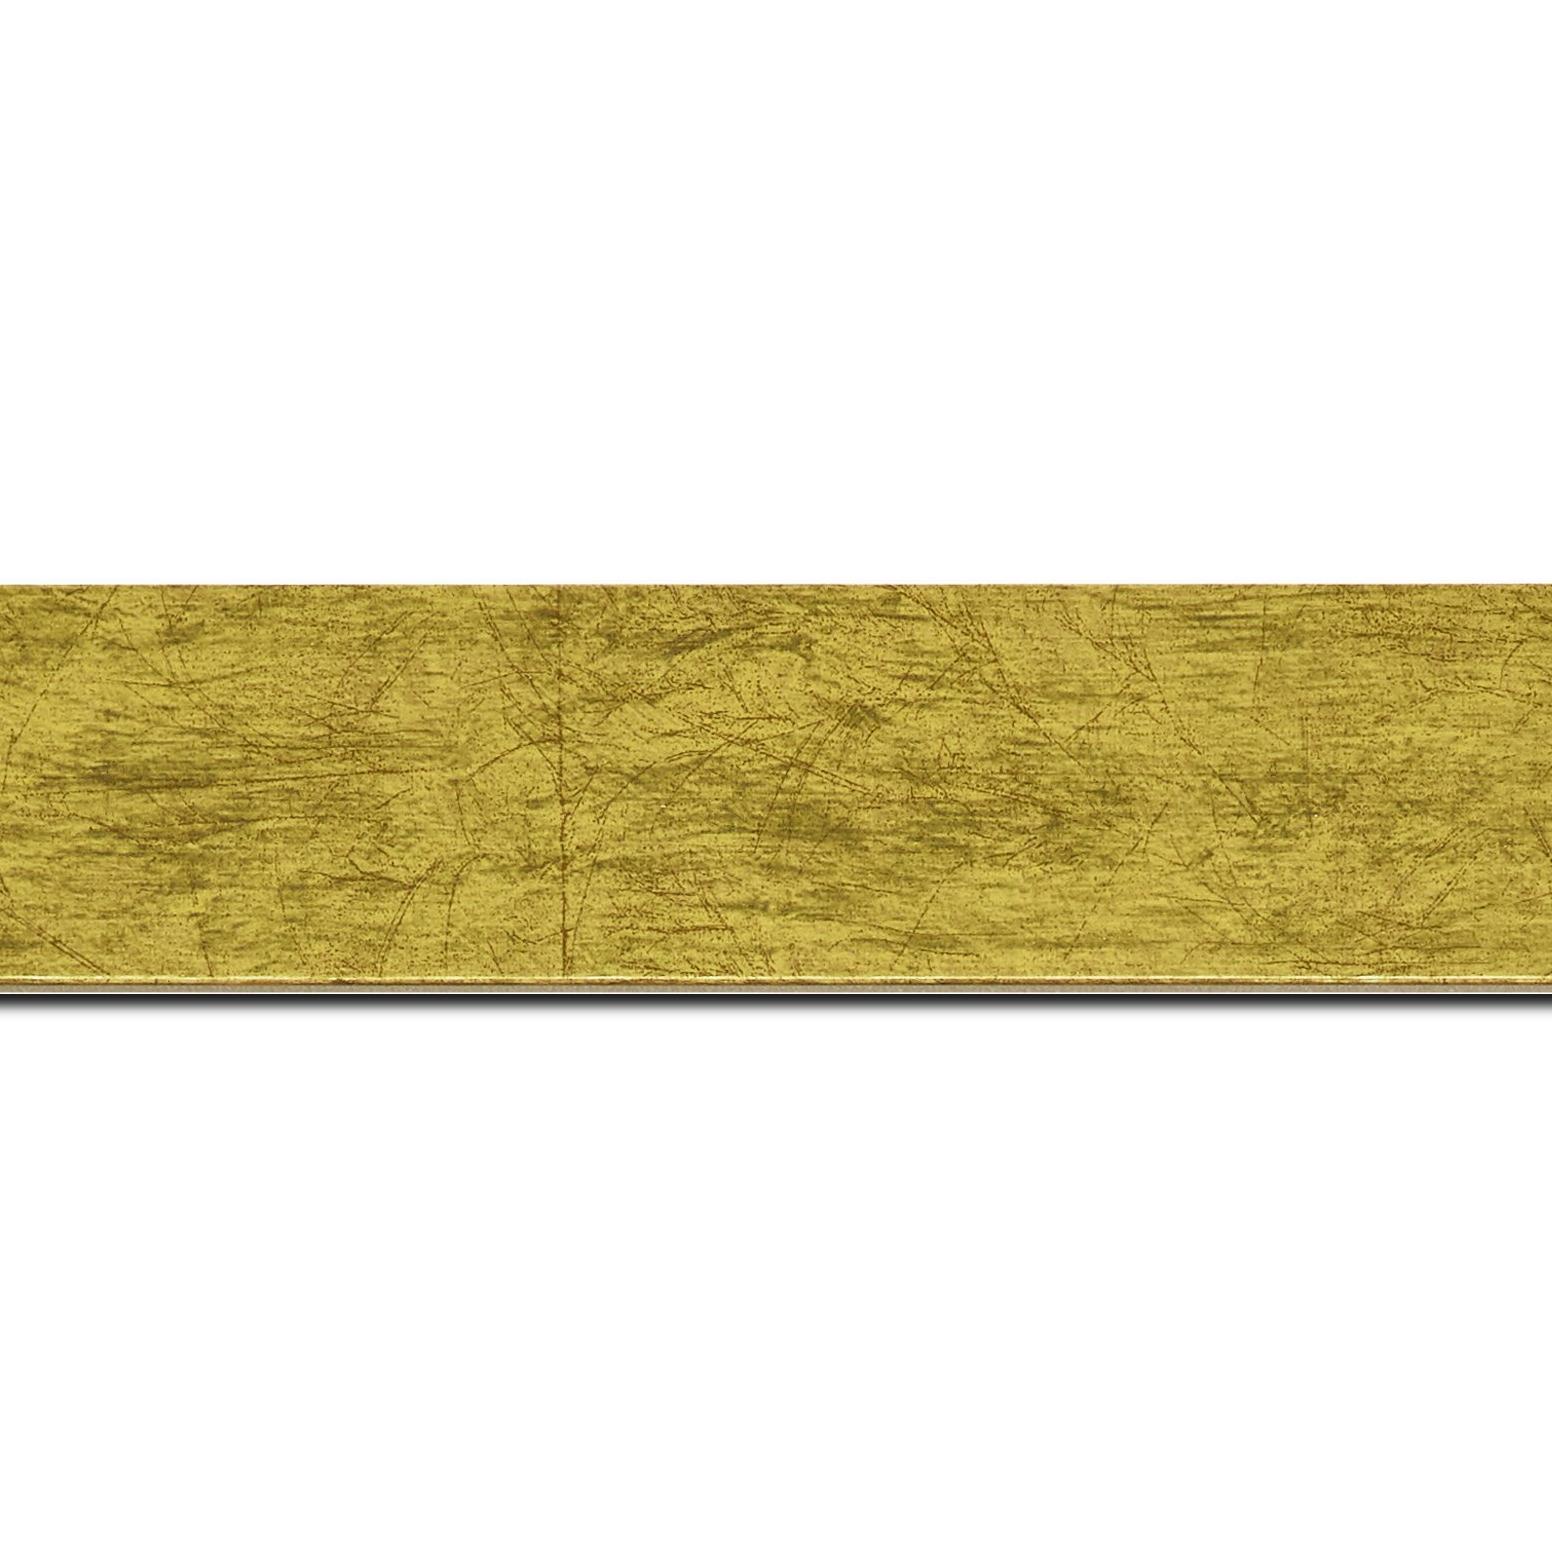 Pack par 12m, bois profil plat largeur 4cm or effet marbré(longueur baguette pouvant varier entre 2.40m et 3m selon arrivage des bois)